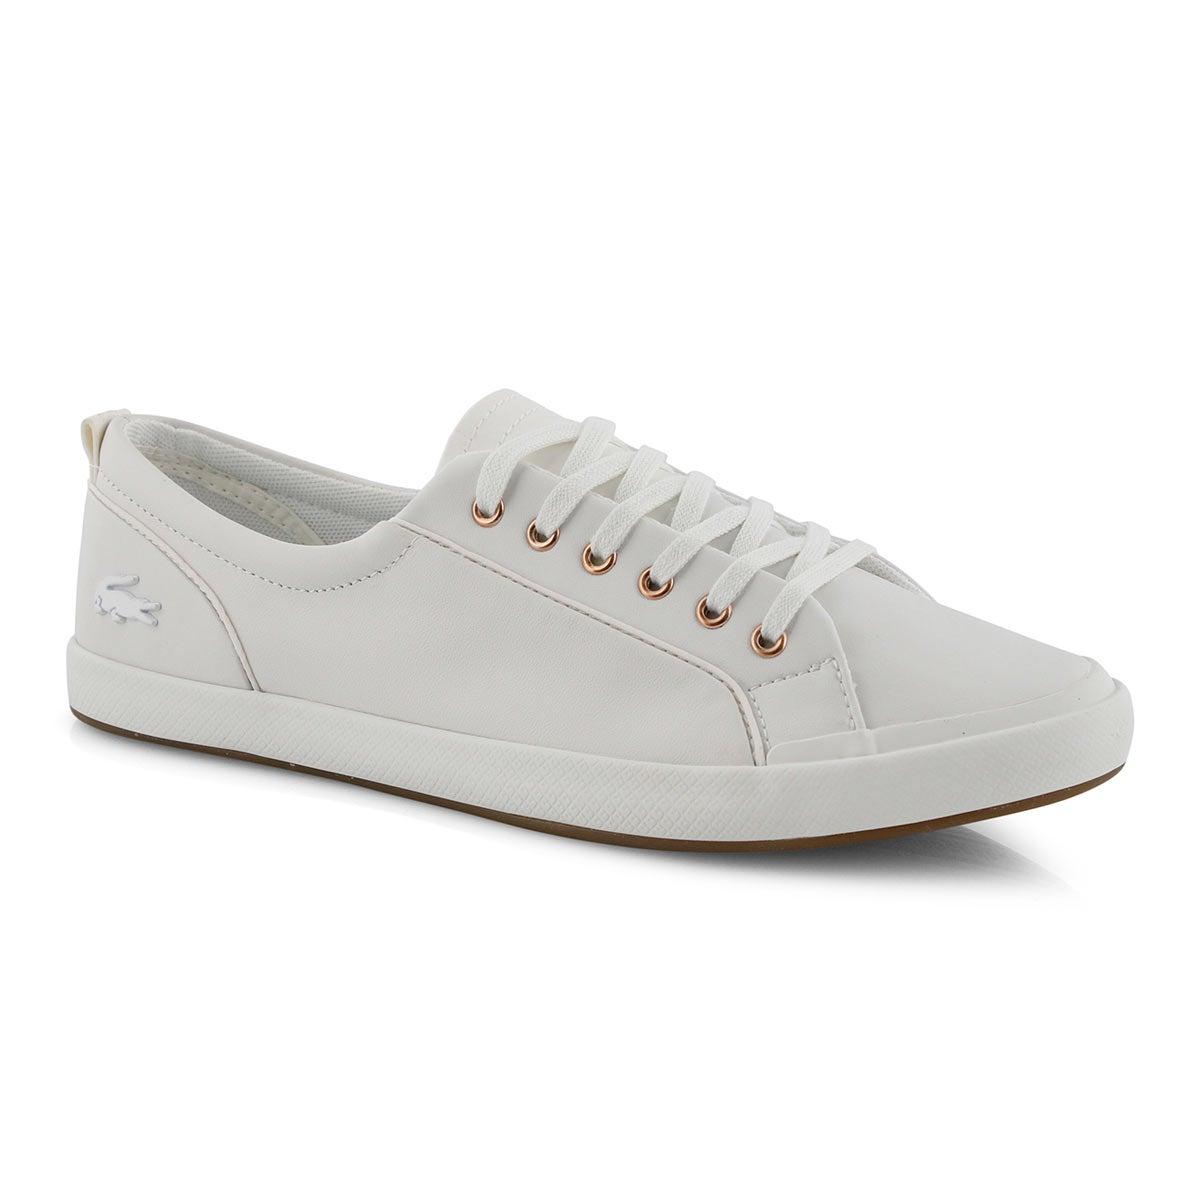 Lds Lancelle Sneaker 319 2 off wht snkr